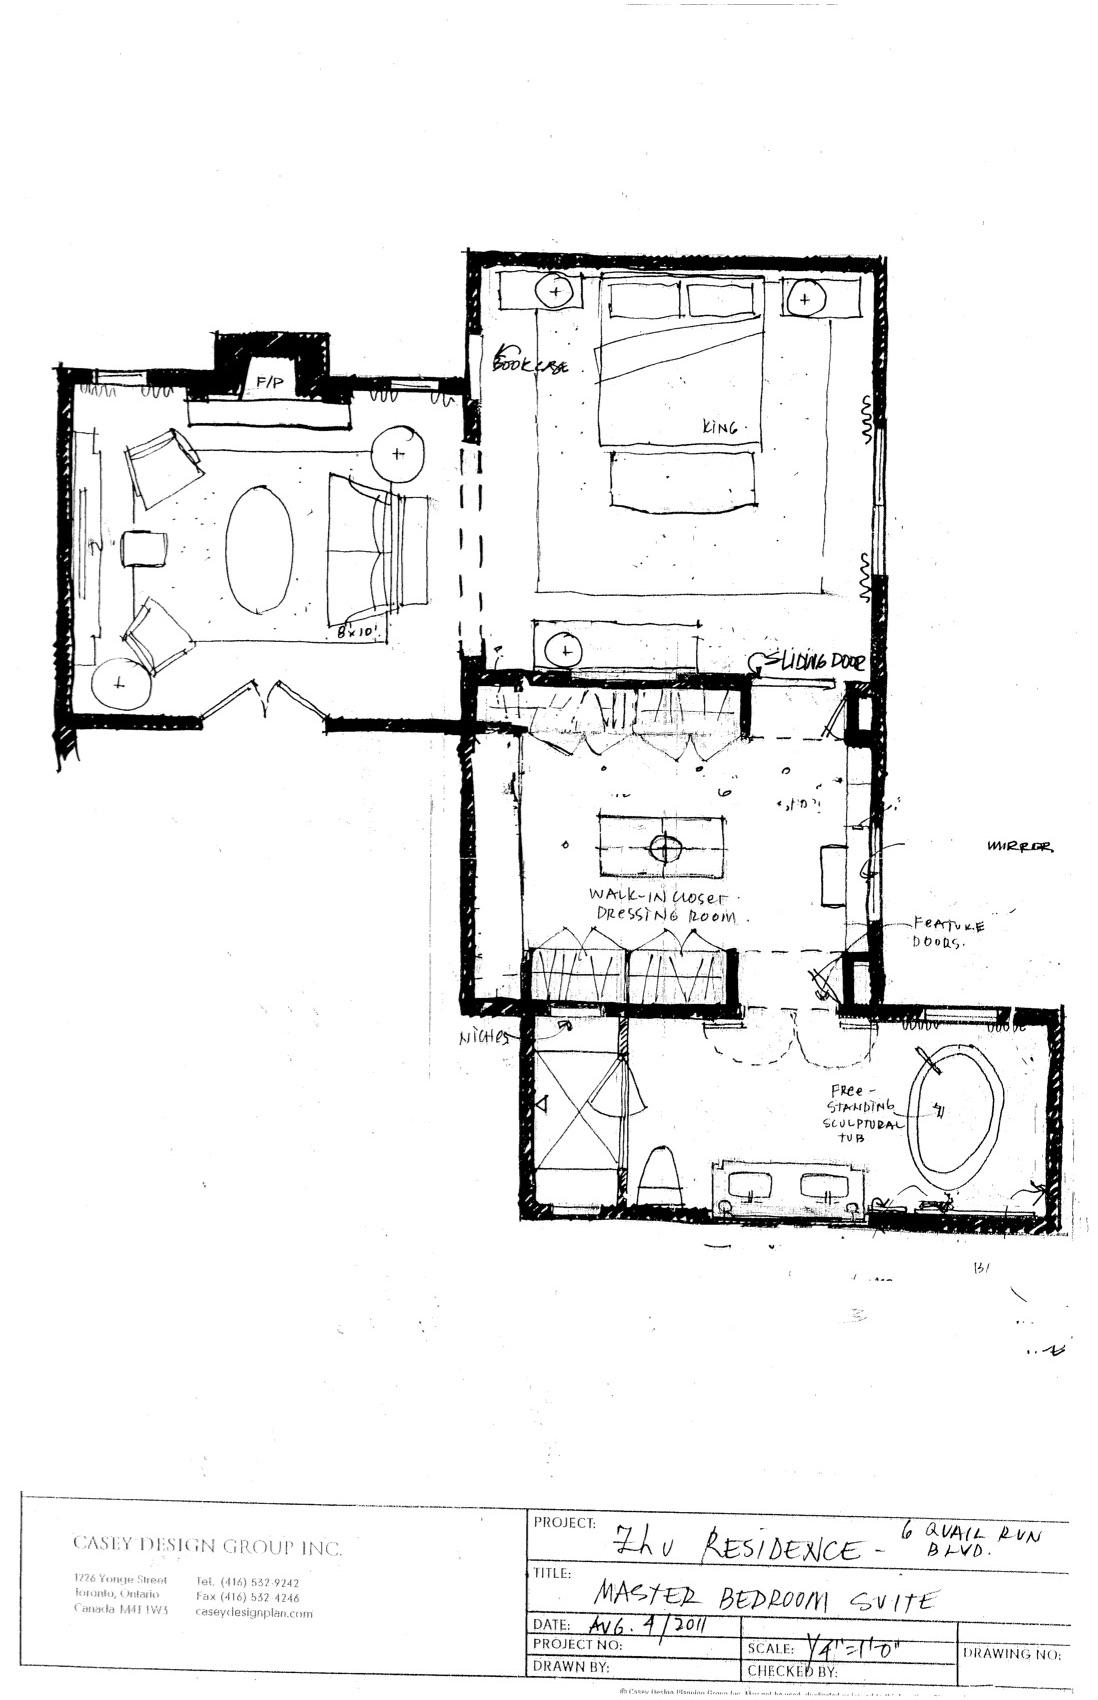 Zhu Residence New Casey Design Master Ensuite Floor Plan 002.jpg